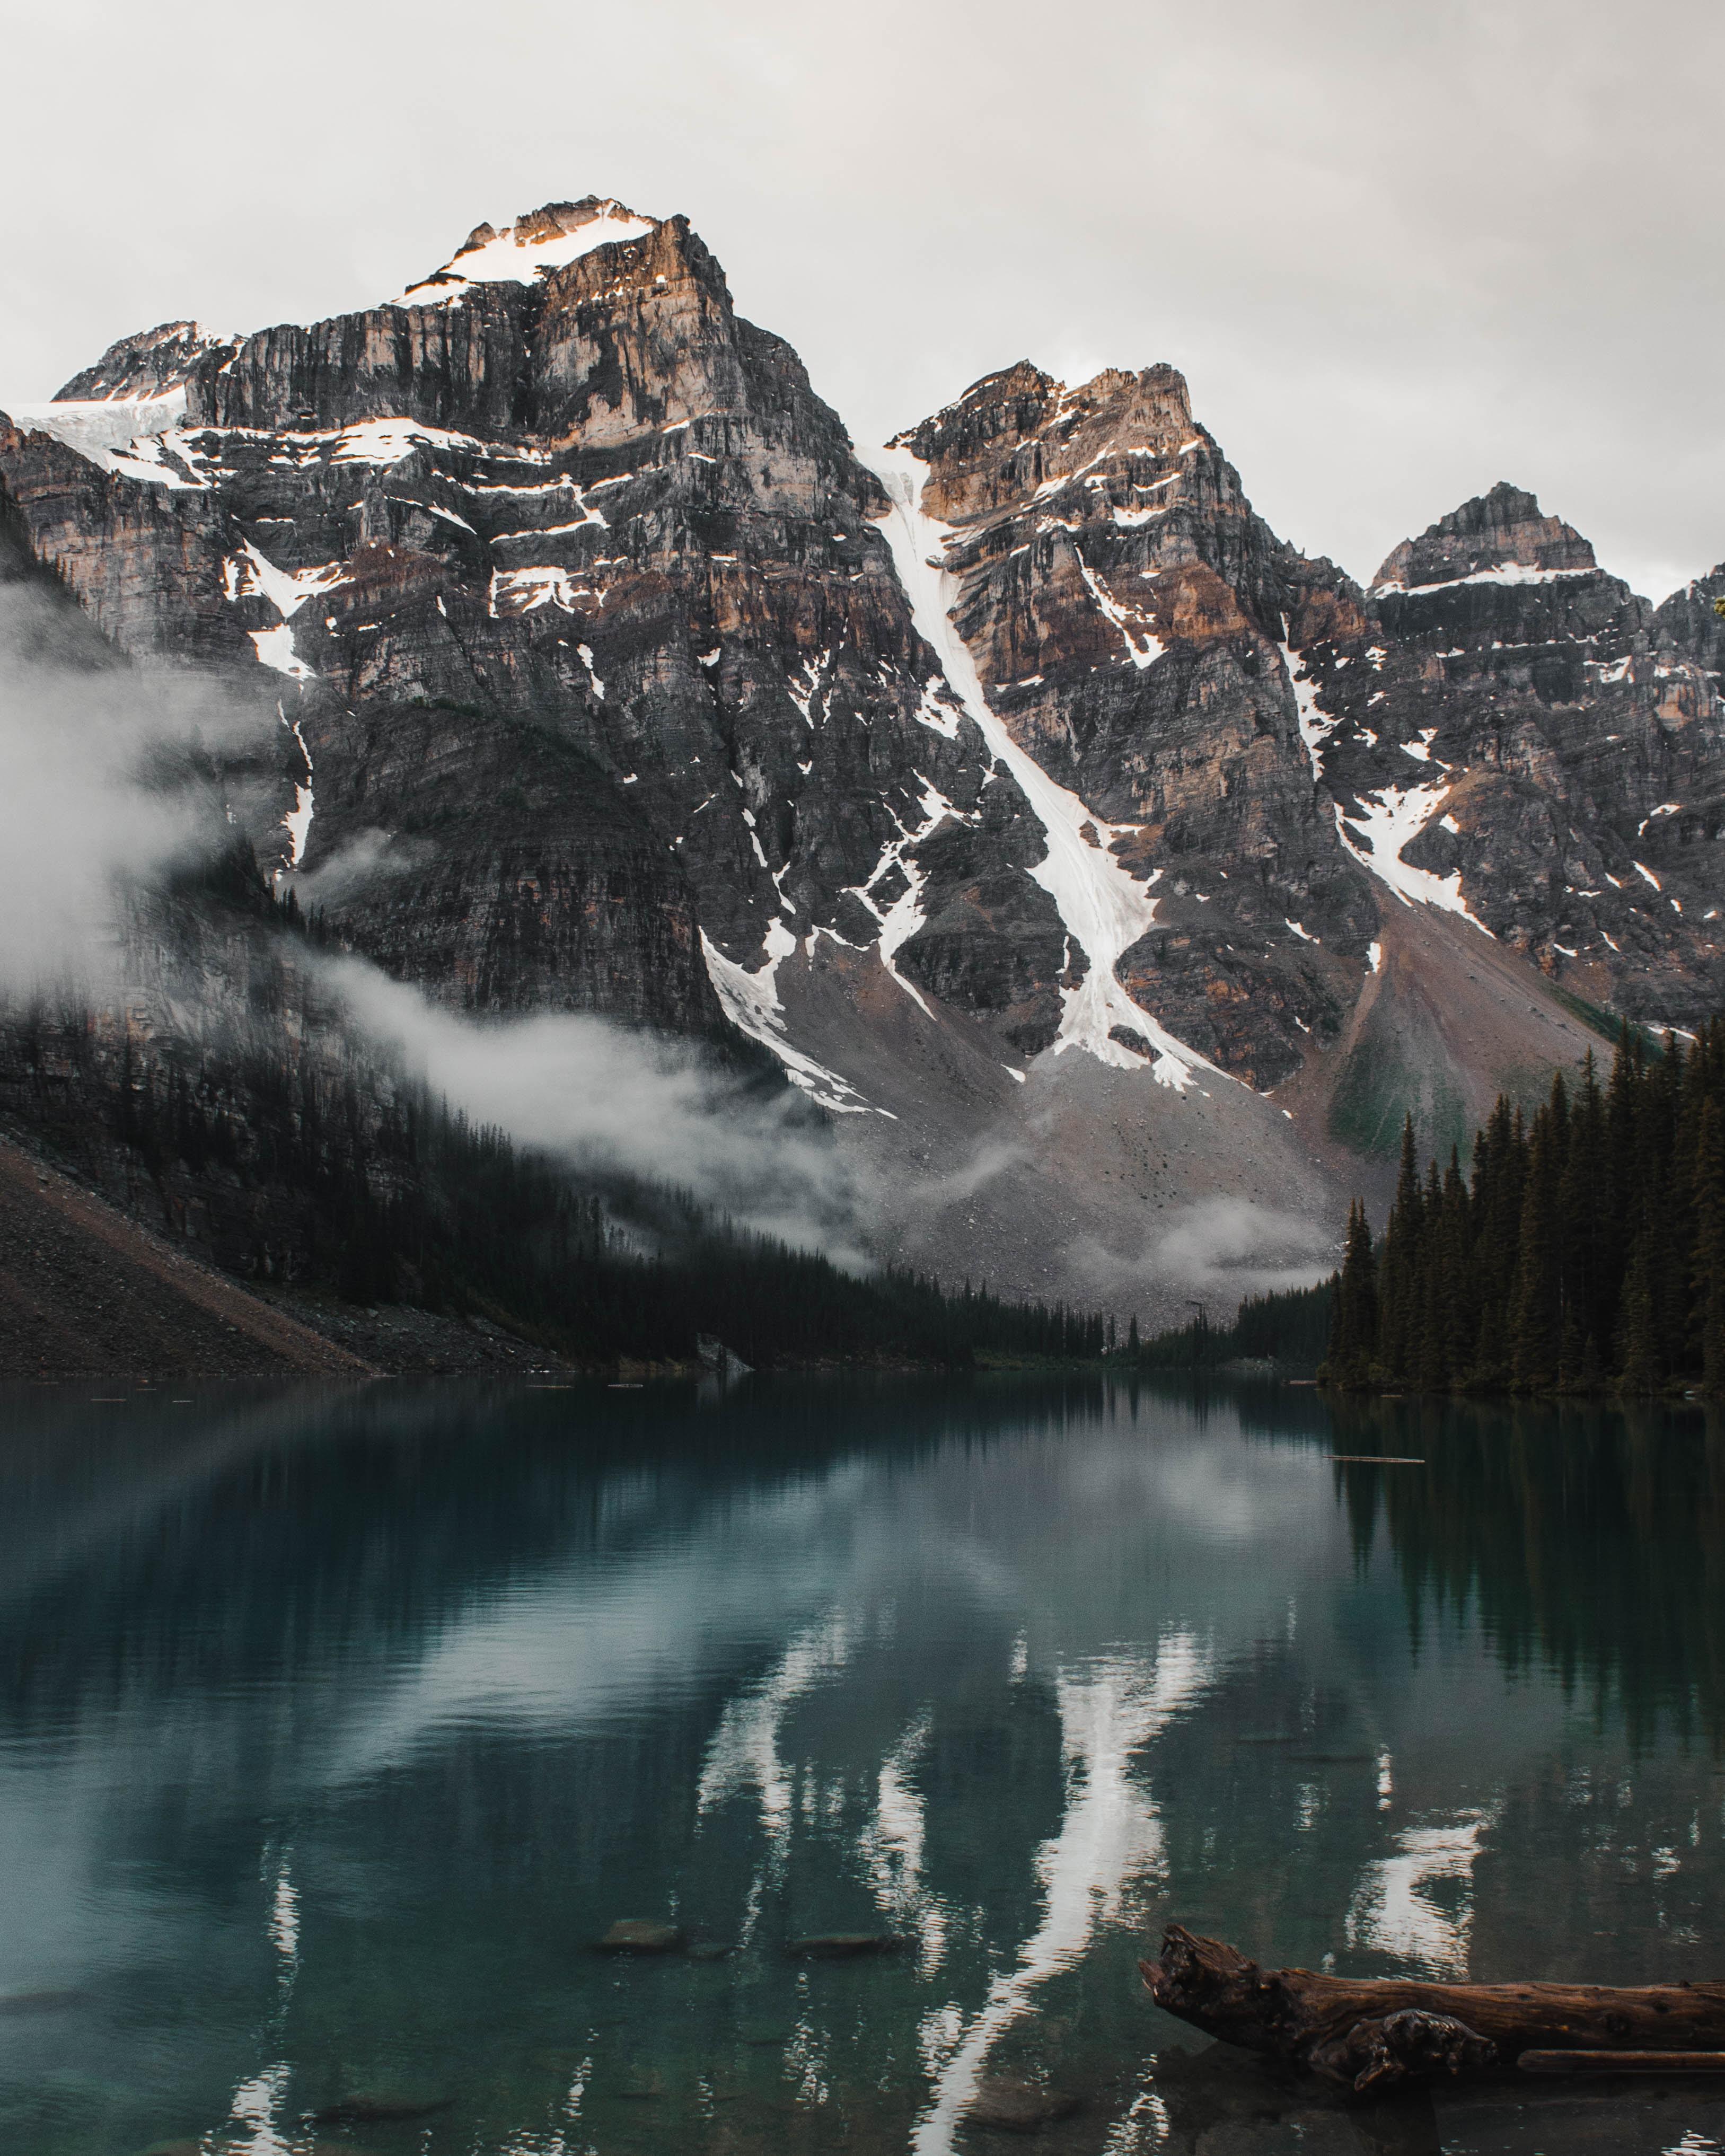 148570 Salvapantallas y fondos de pantalla Paisaje en tu teléfono. Descarga imágenes de Naturaleza, Lago, Árboles, Orilla, Banco, Montañas, Paisaje gratis